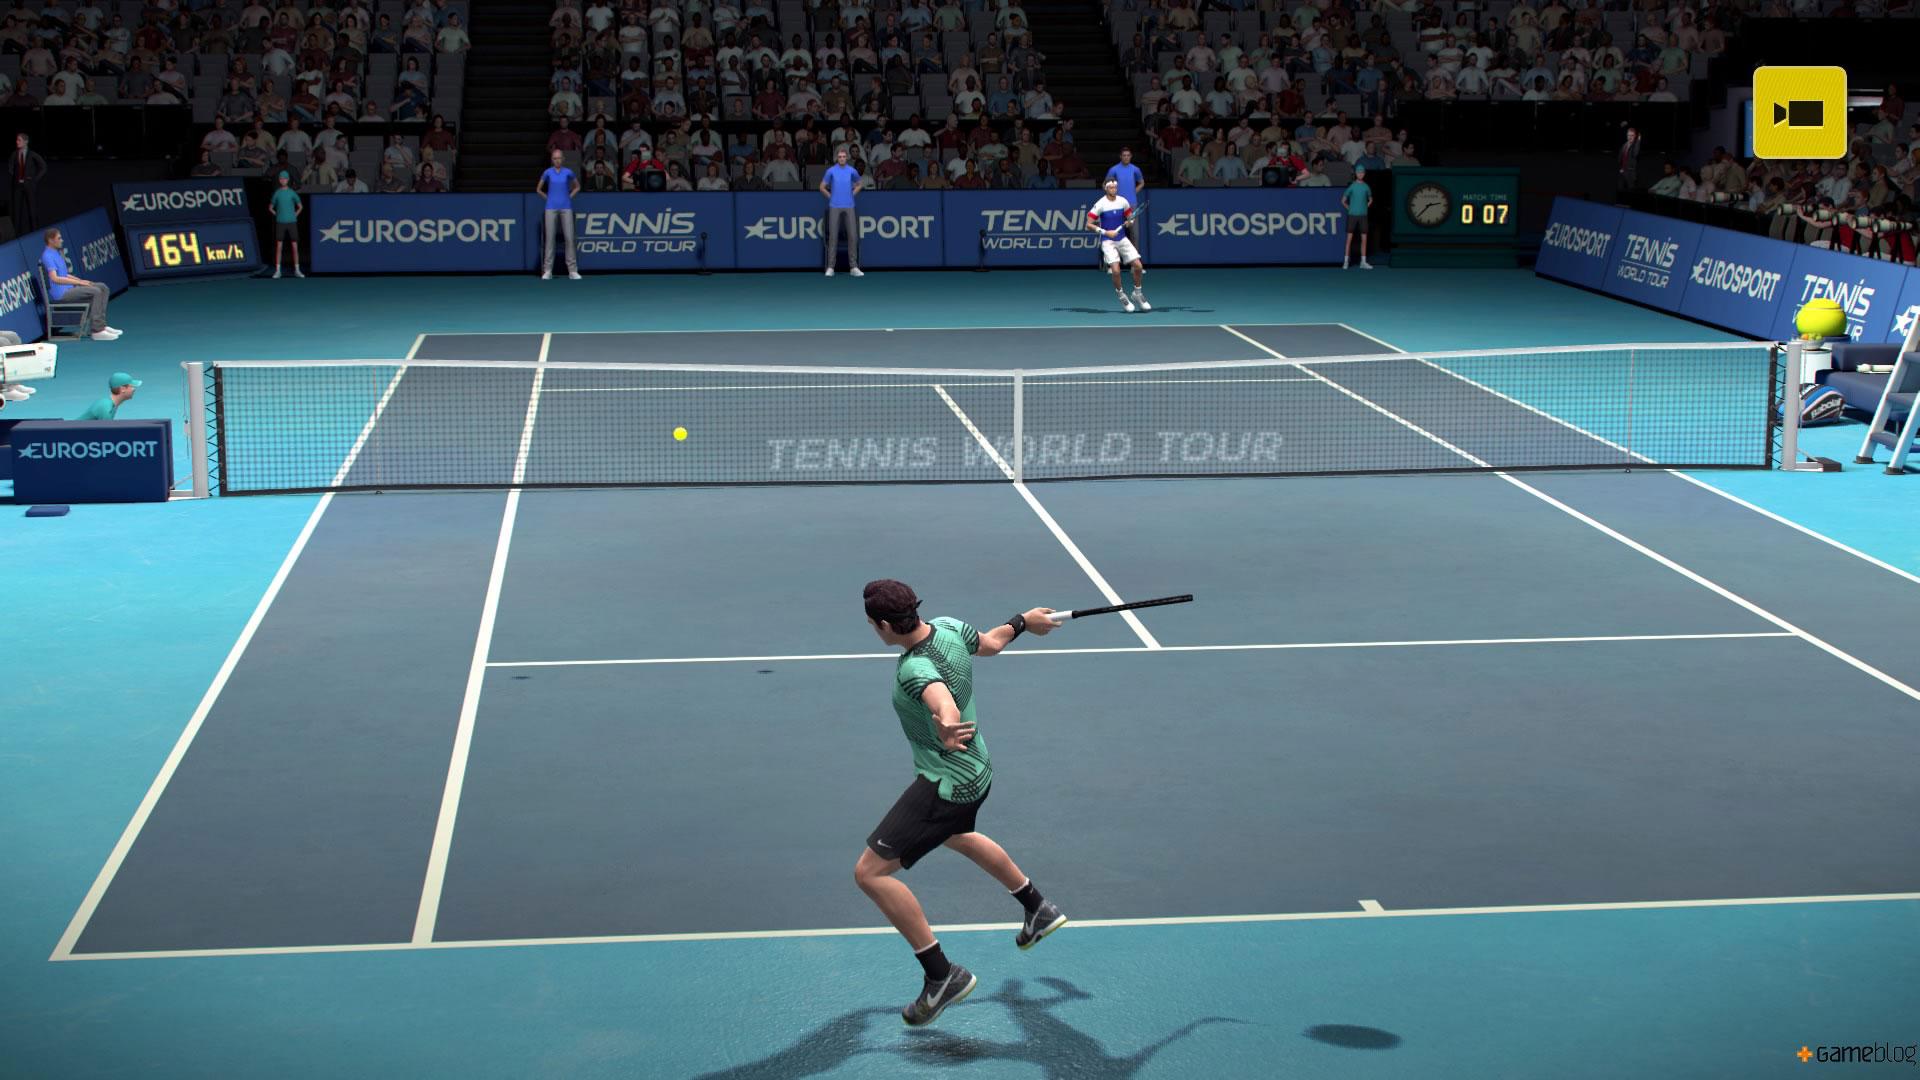 TennisWorldTour PS4 Test 003